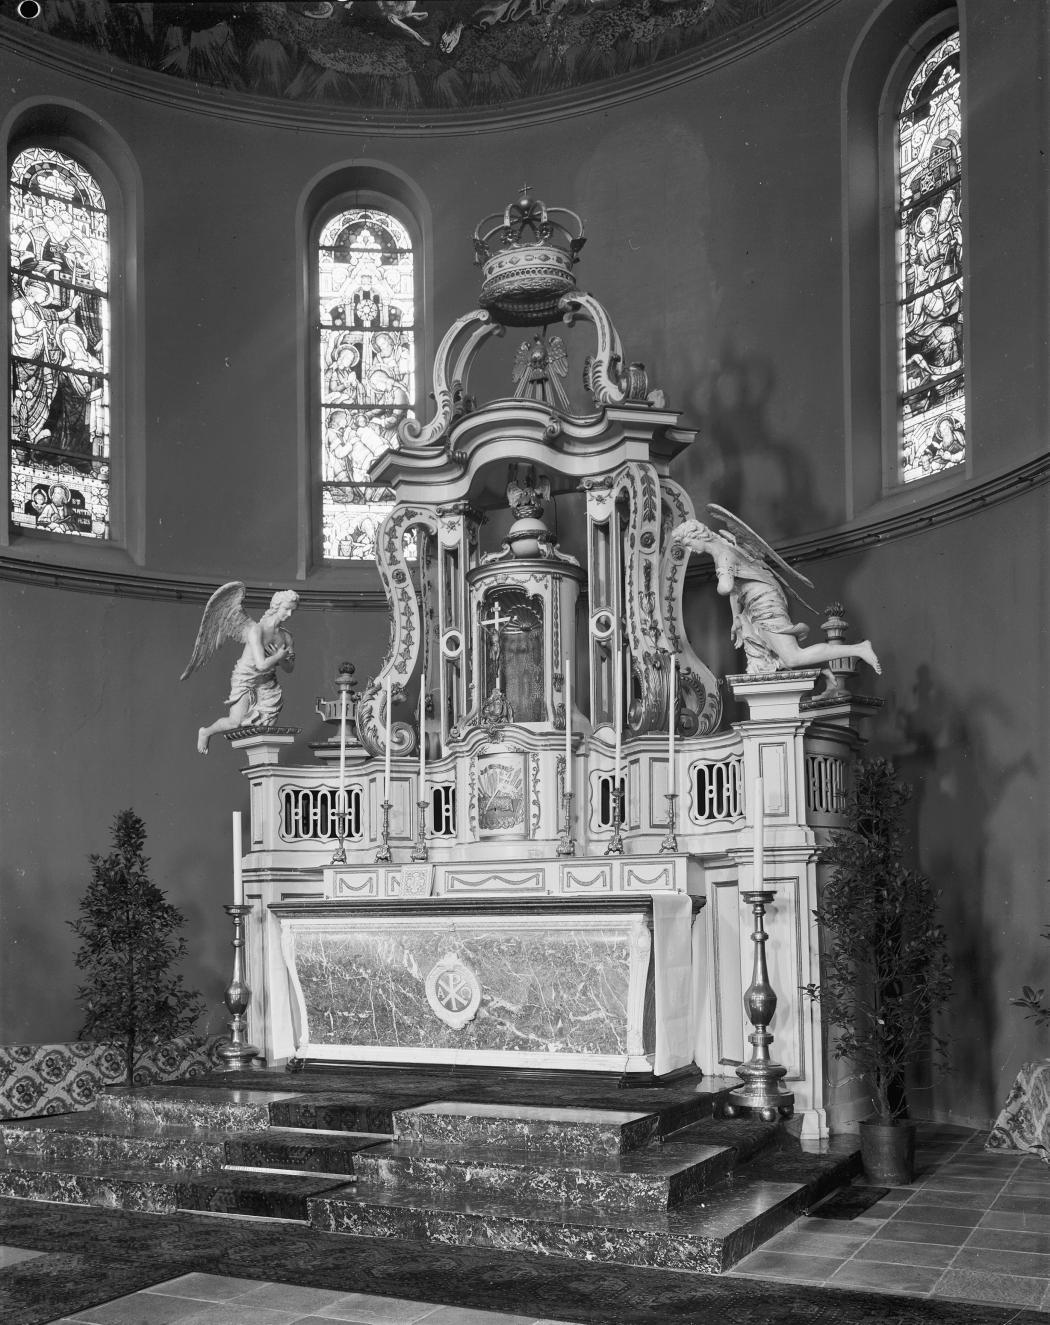 Het hoogaltaar in 1966 (foto: G.J. Dukker, Collectie Rijksdienst voor het Cultureel Erfgoed, objectnummer 176.288)